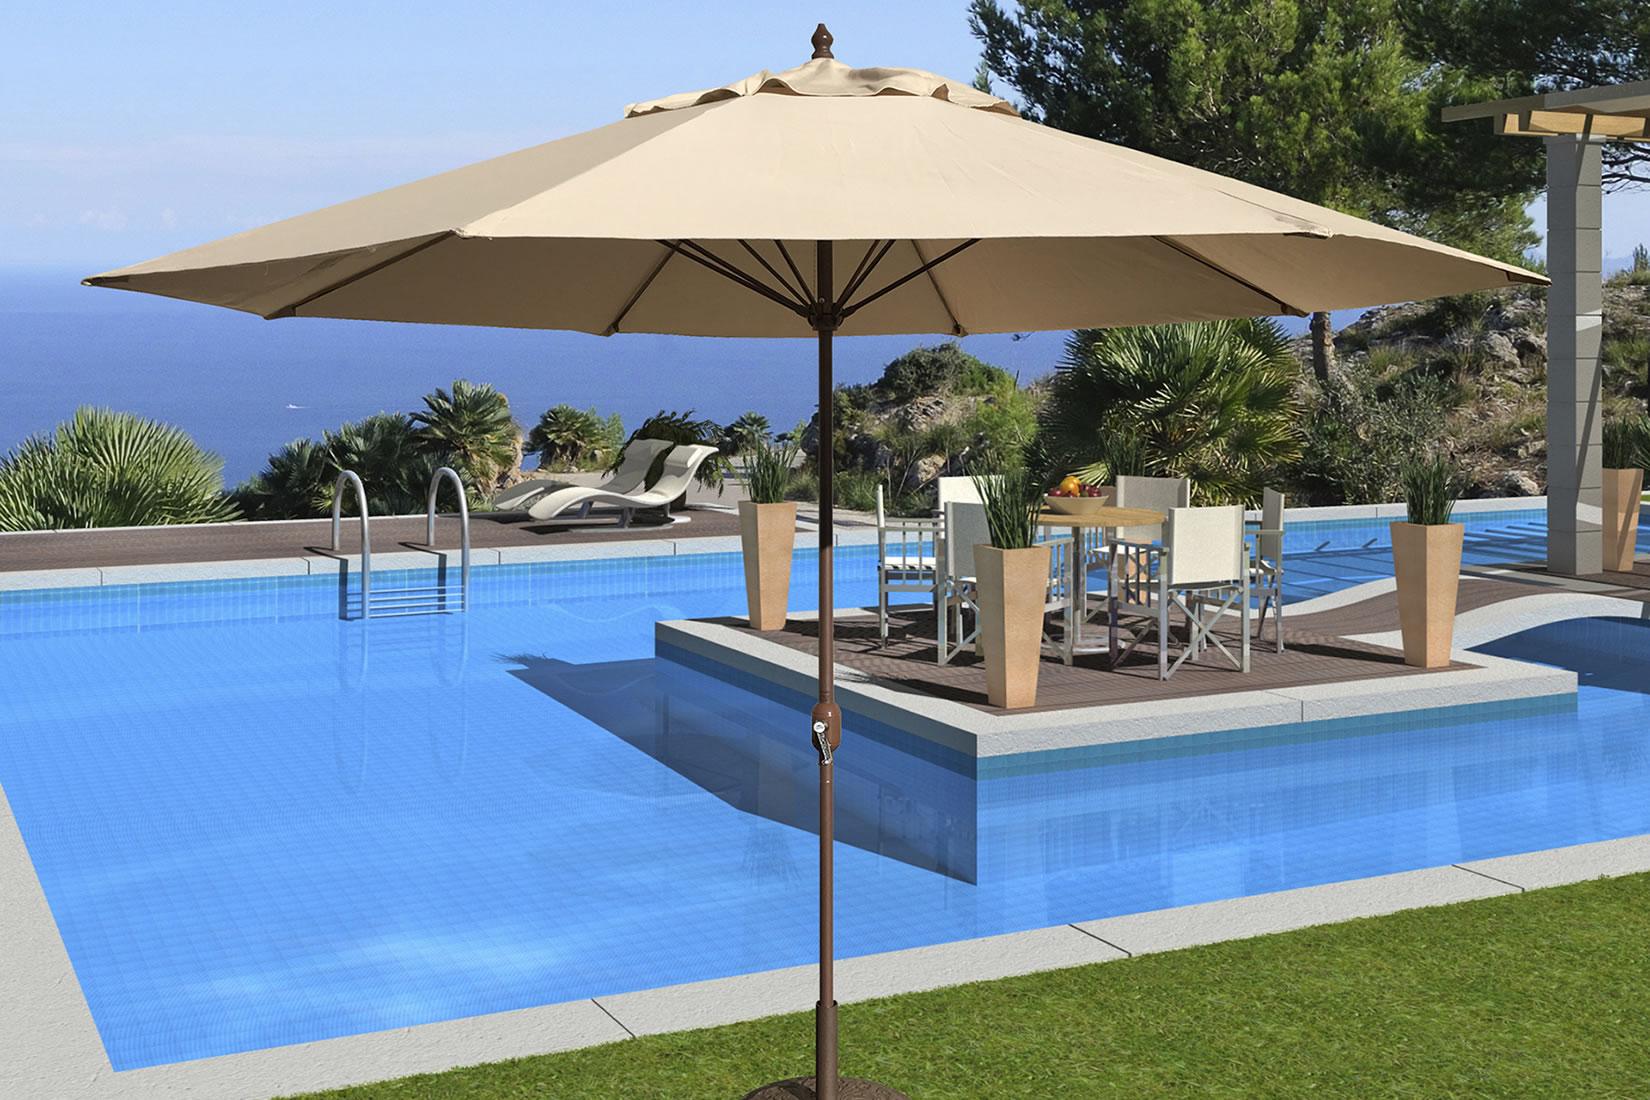 Worldwide Manufacturer of Outdoor Patio Umbrellas